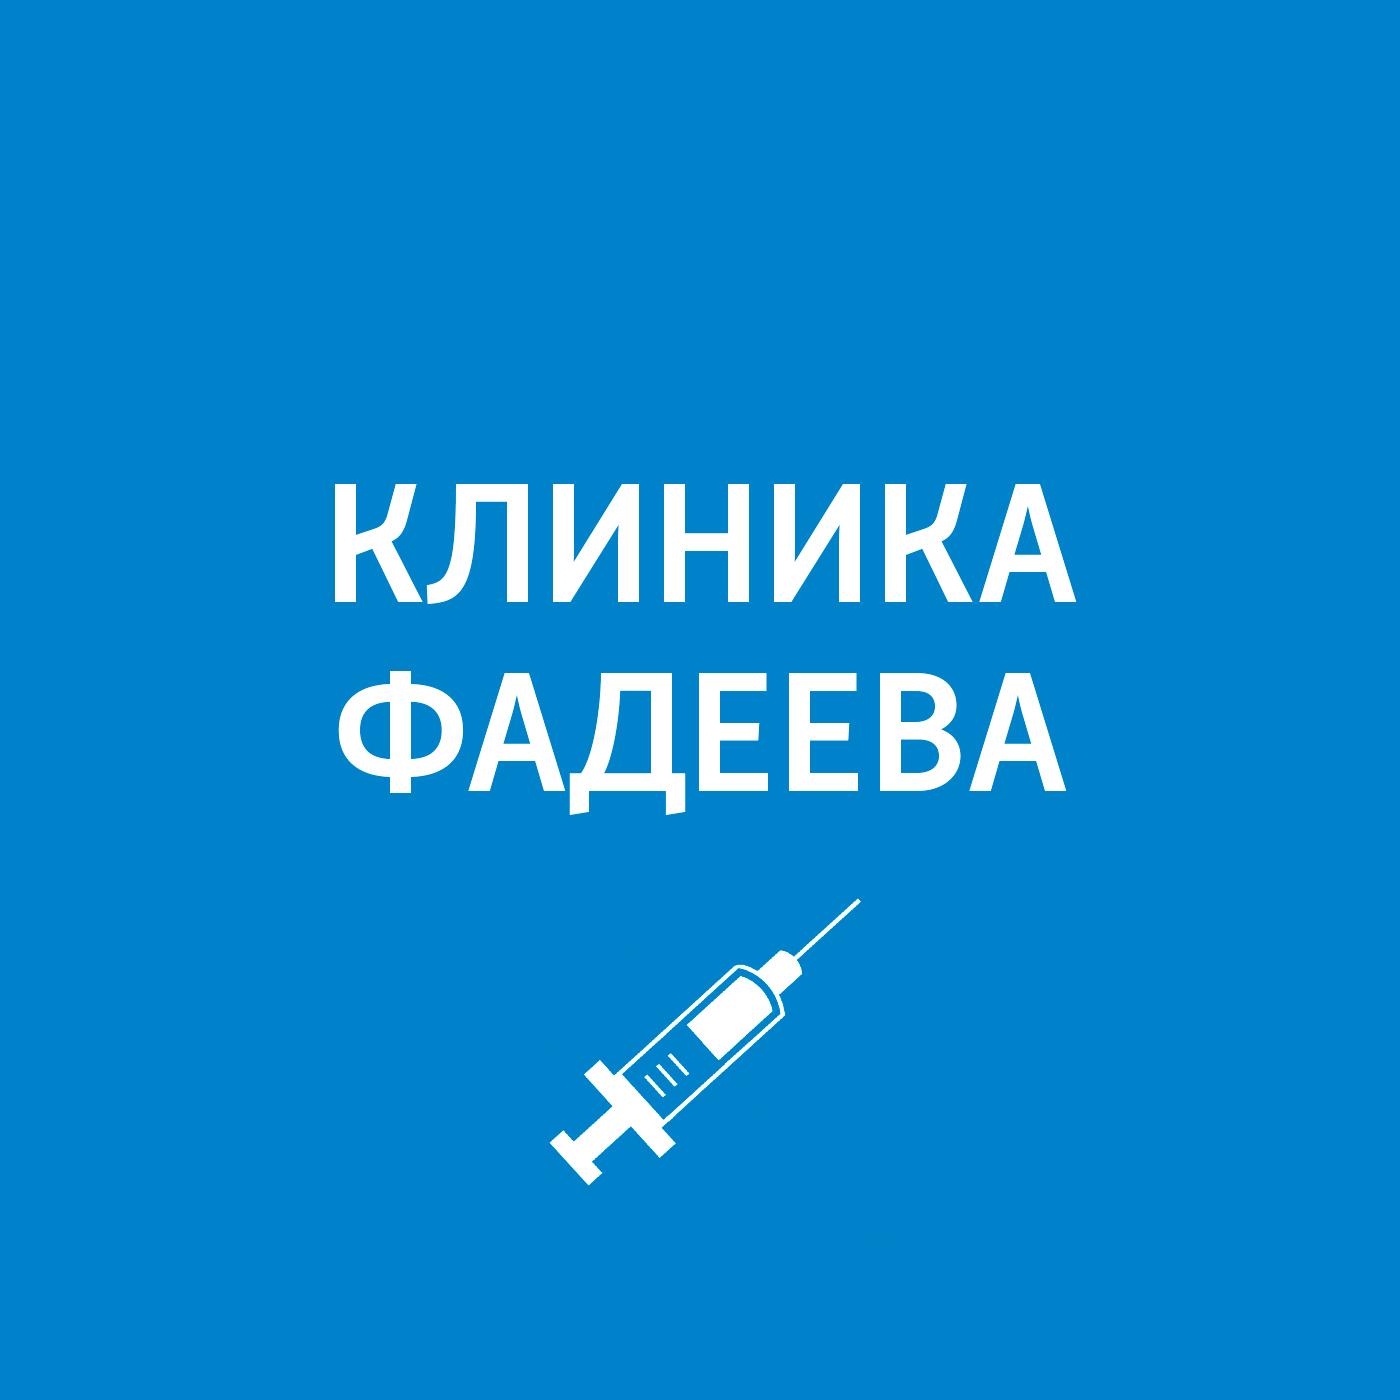 Фото - Пётр Фадеев Приём ведёт отохирург кондиционеры